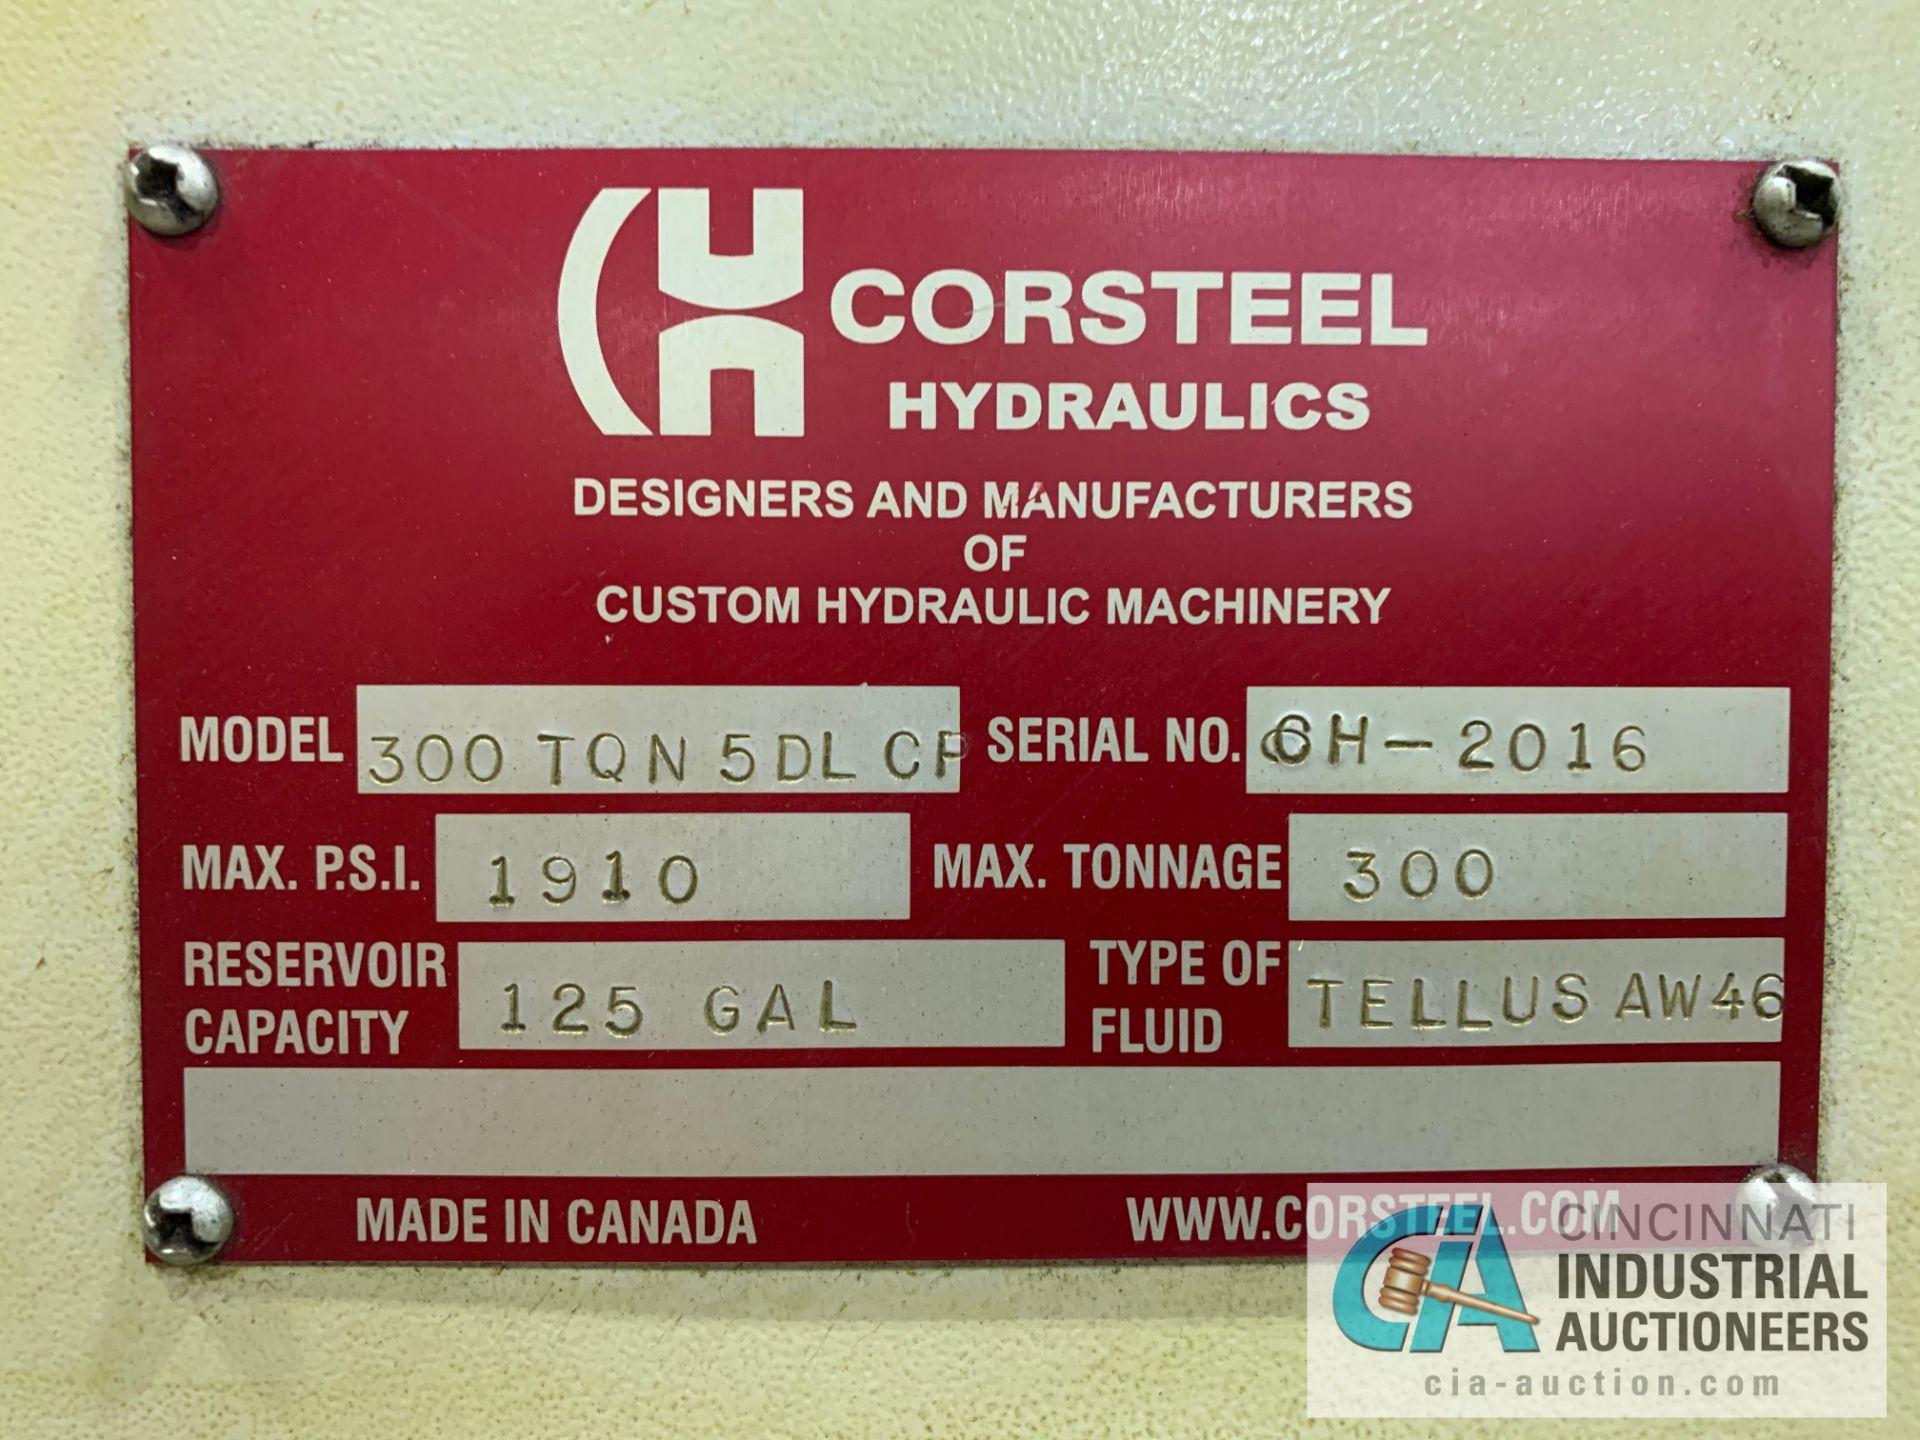 """Lot 13 - 300 TON CORSTEEL MODEL 300 TQN-5DL-CP 5-PLATTEN HEATED PRESS; S/N CH-2016, 1,910 MAX PSI, 27"""" X"""